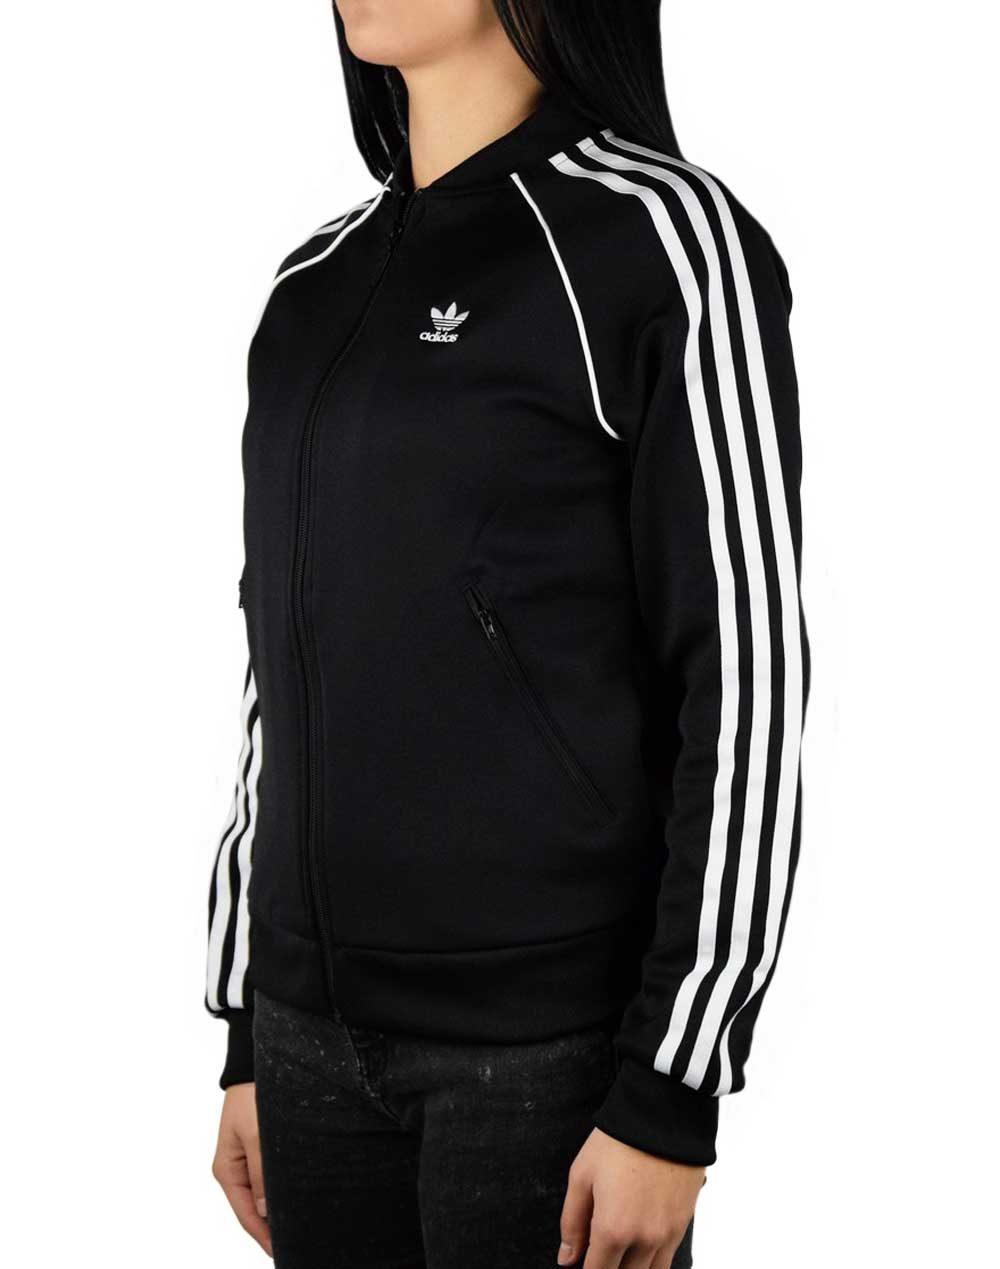 Adidas SST TT Black (CE2392)